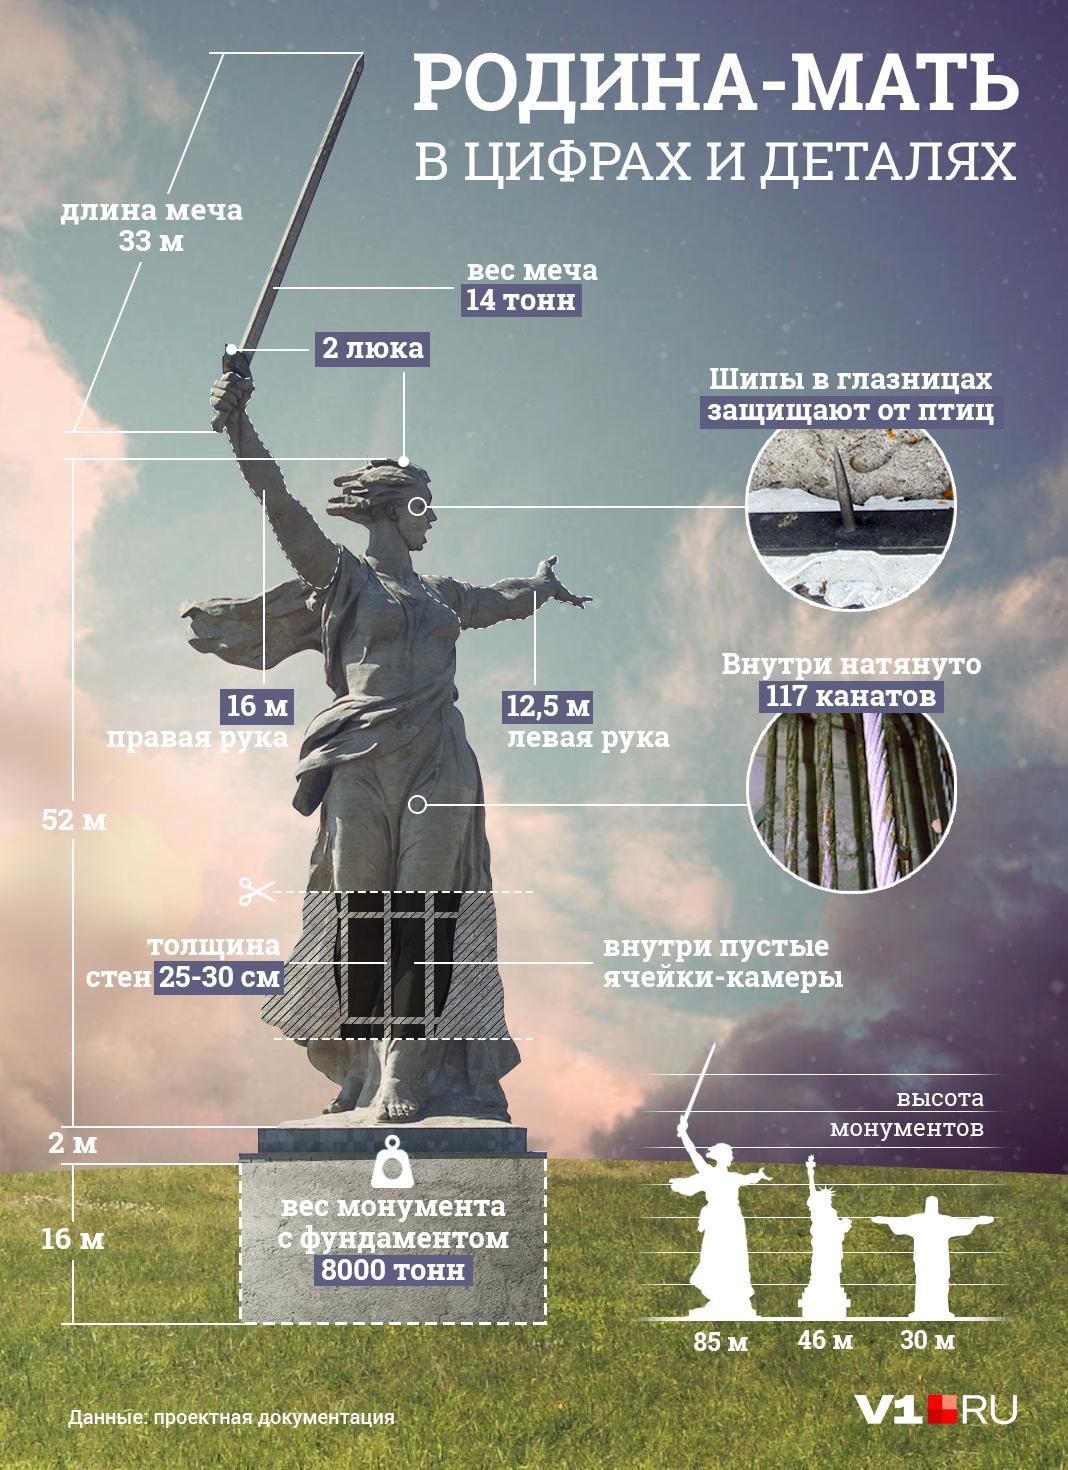 Цифры, которые убедят вас в величии монумента